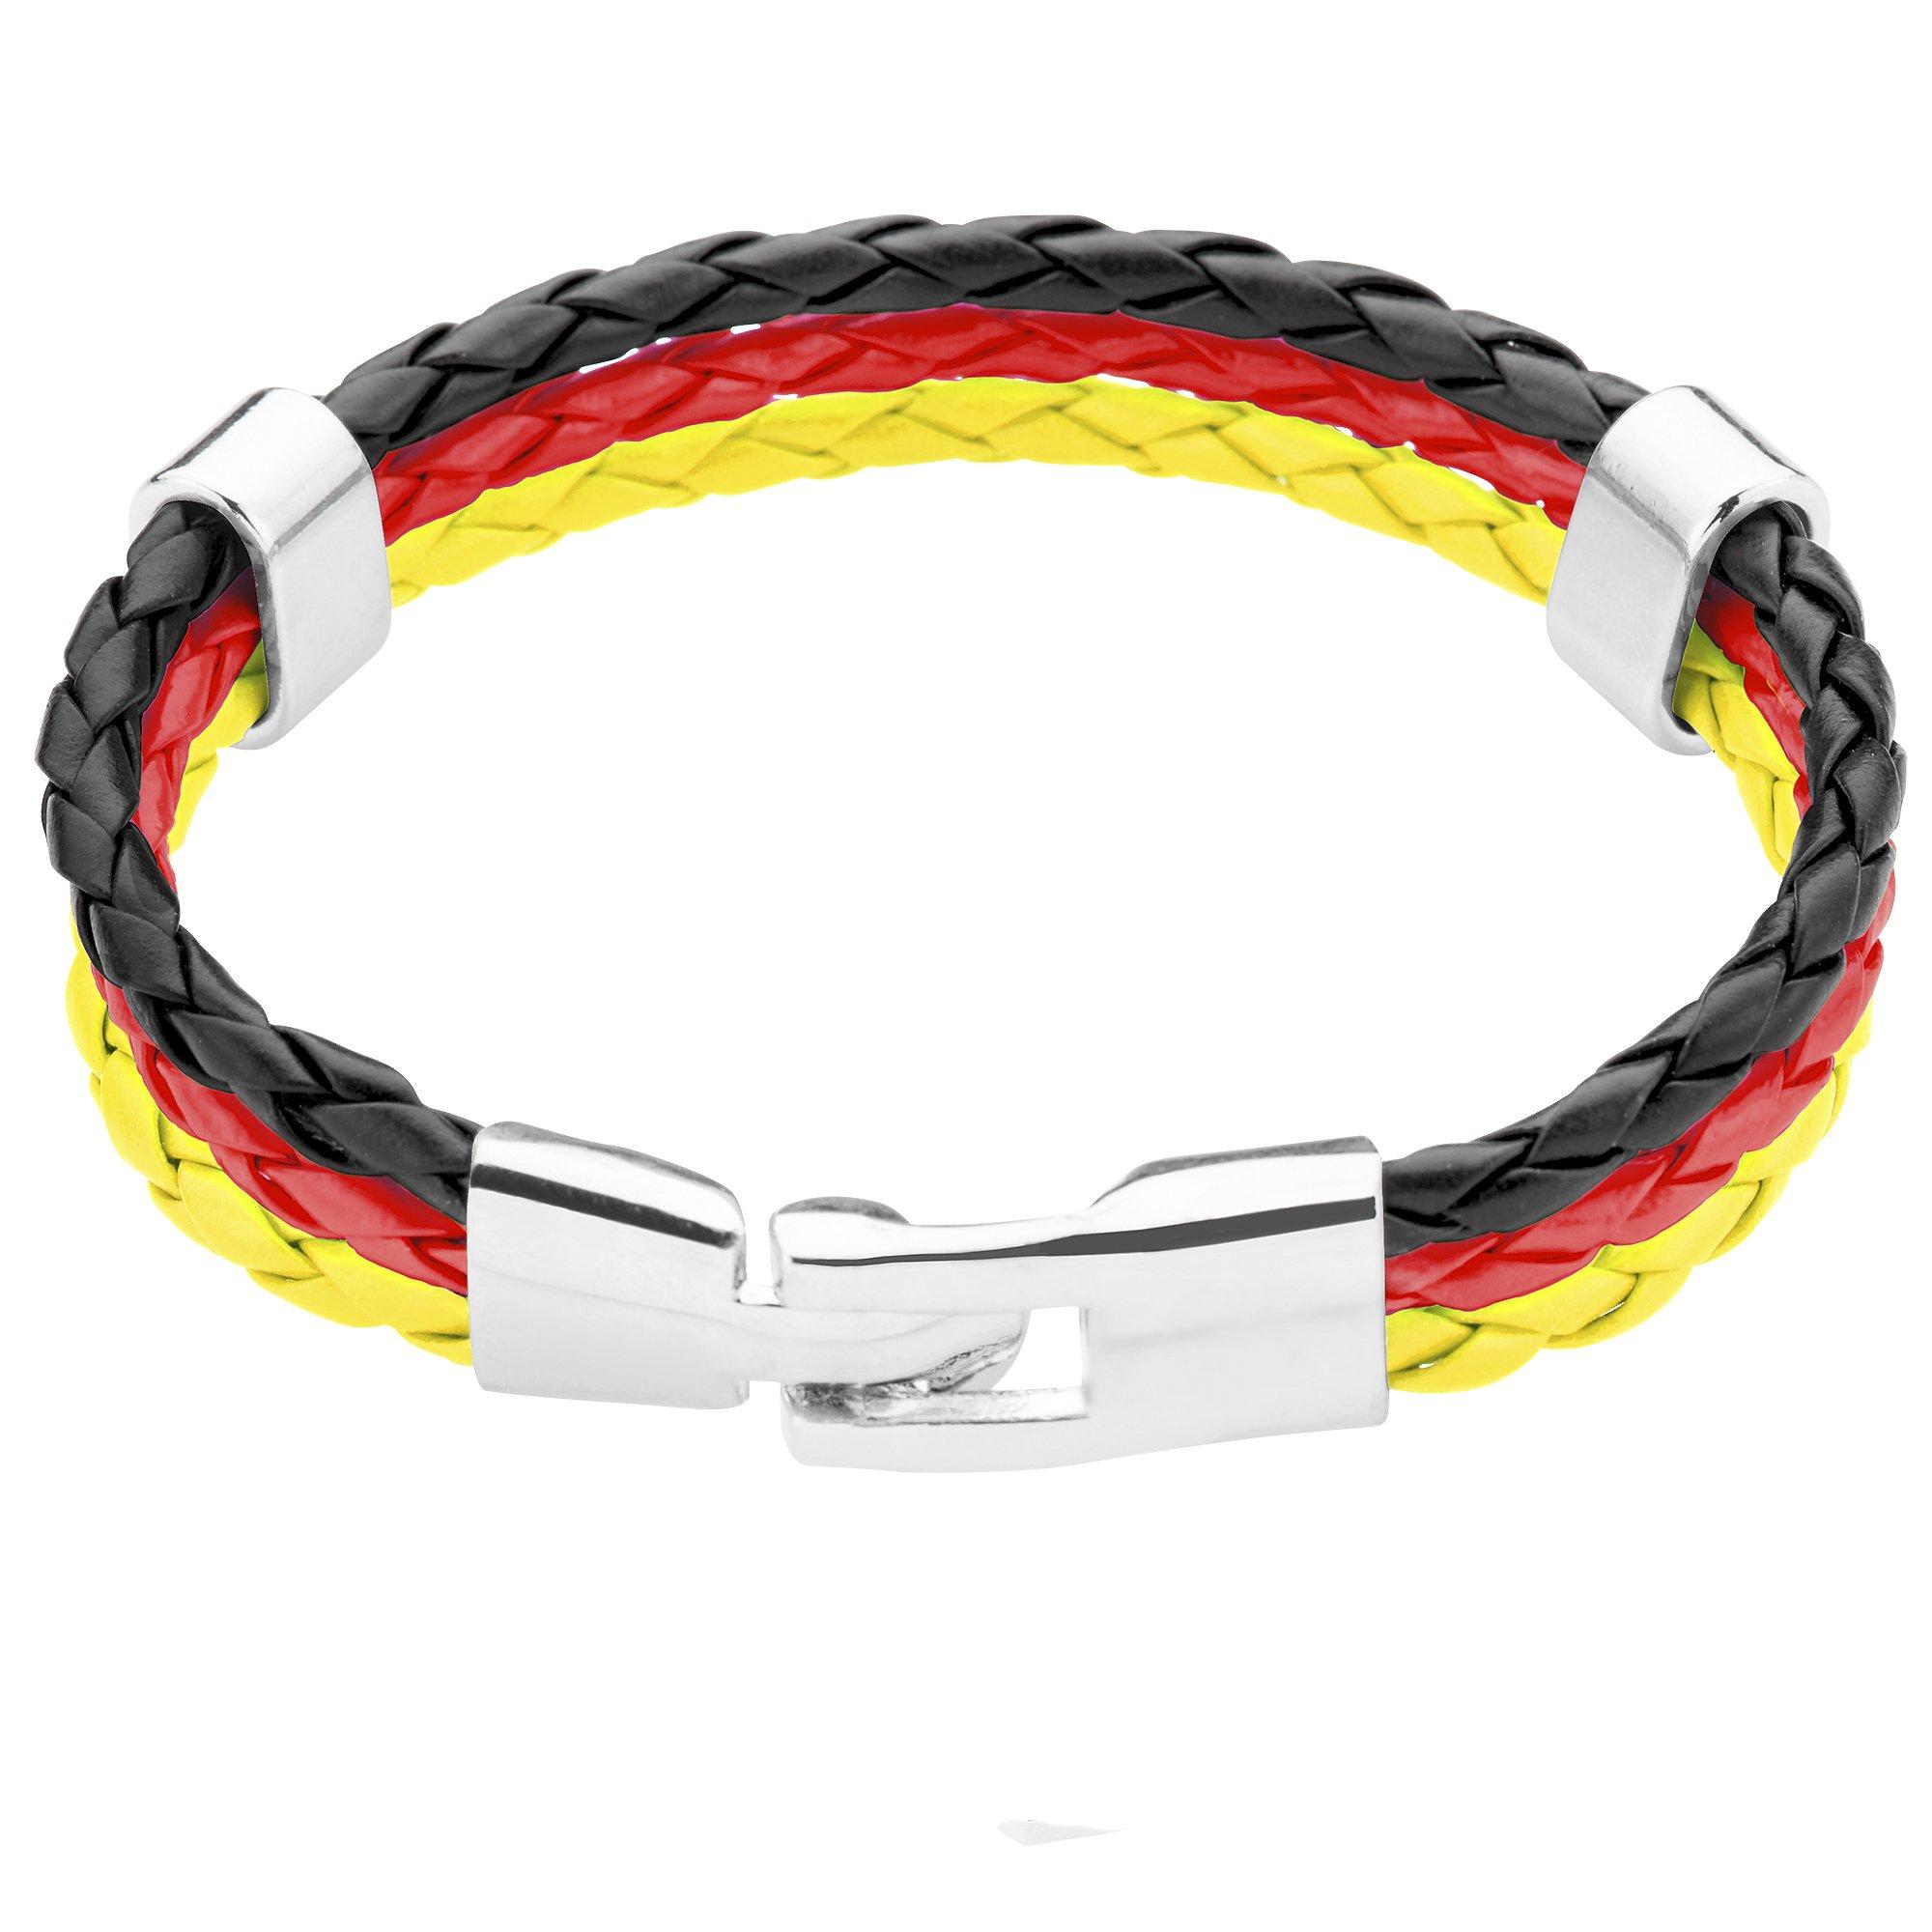 Taffstyle® Bracciali stilistici PU in pelle corda articolo da fan Mondiale di calcio 2014 & Europeo